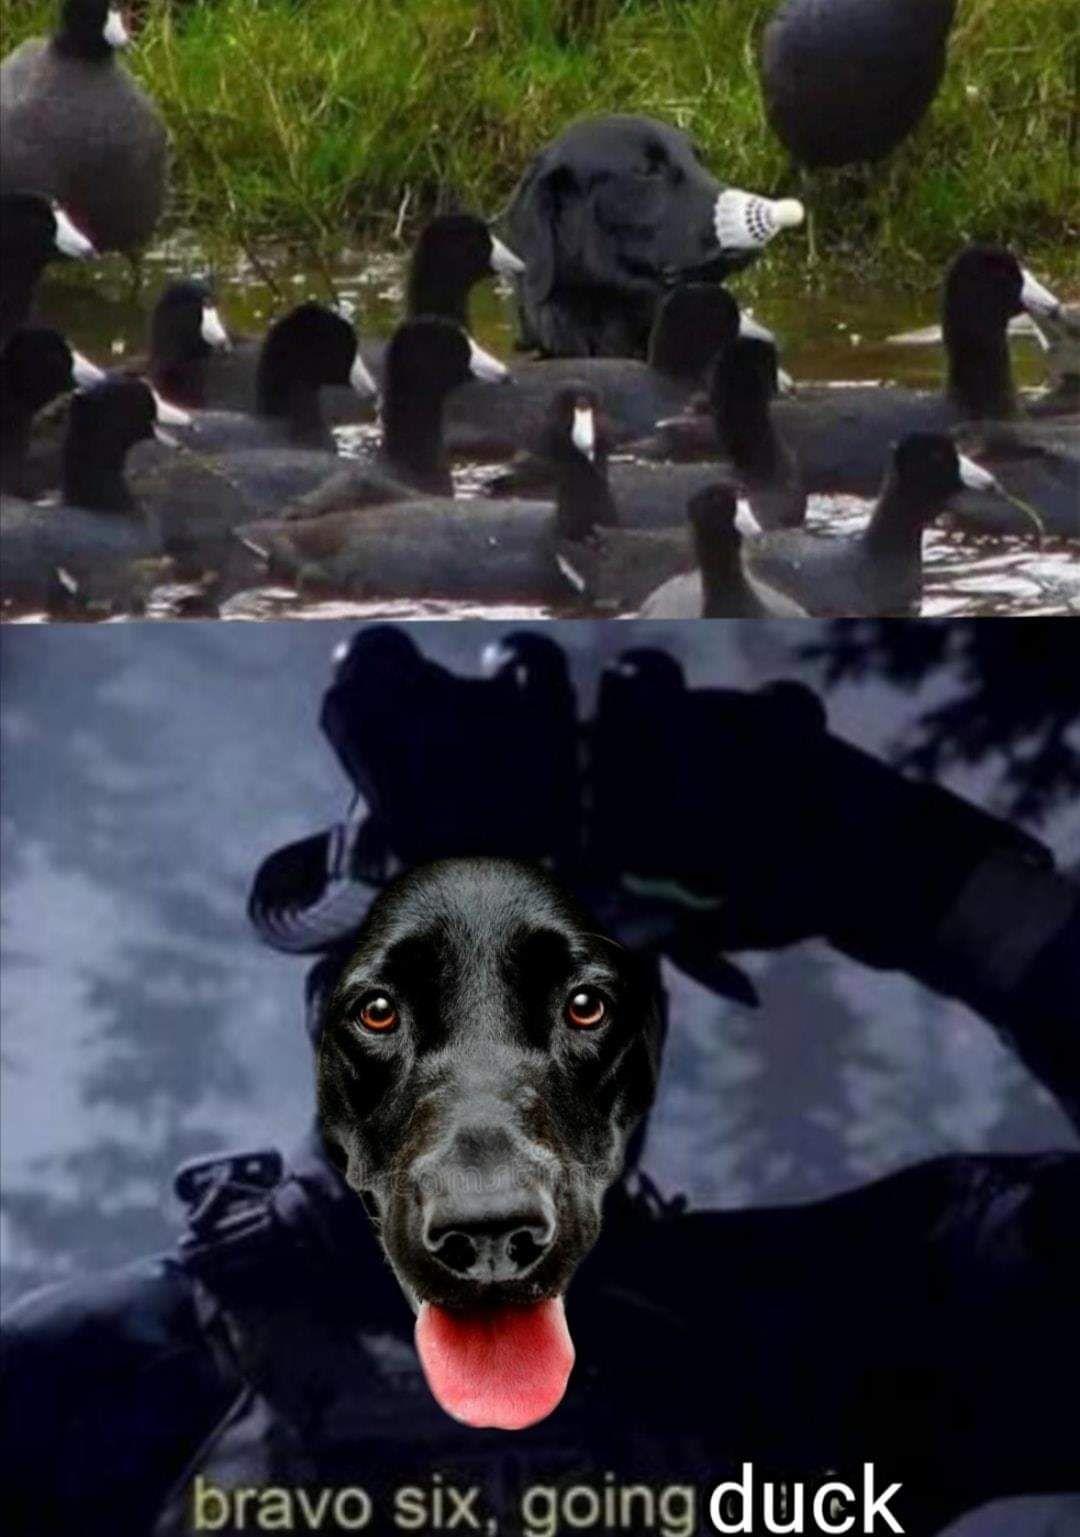 Going duck